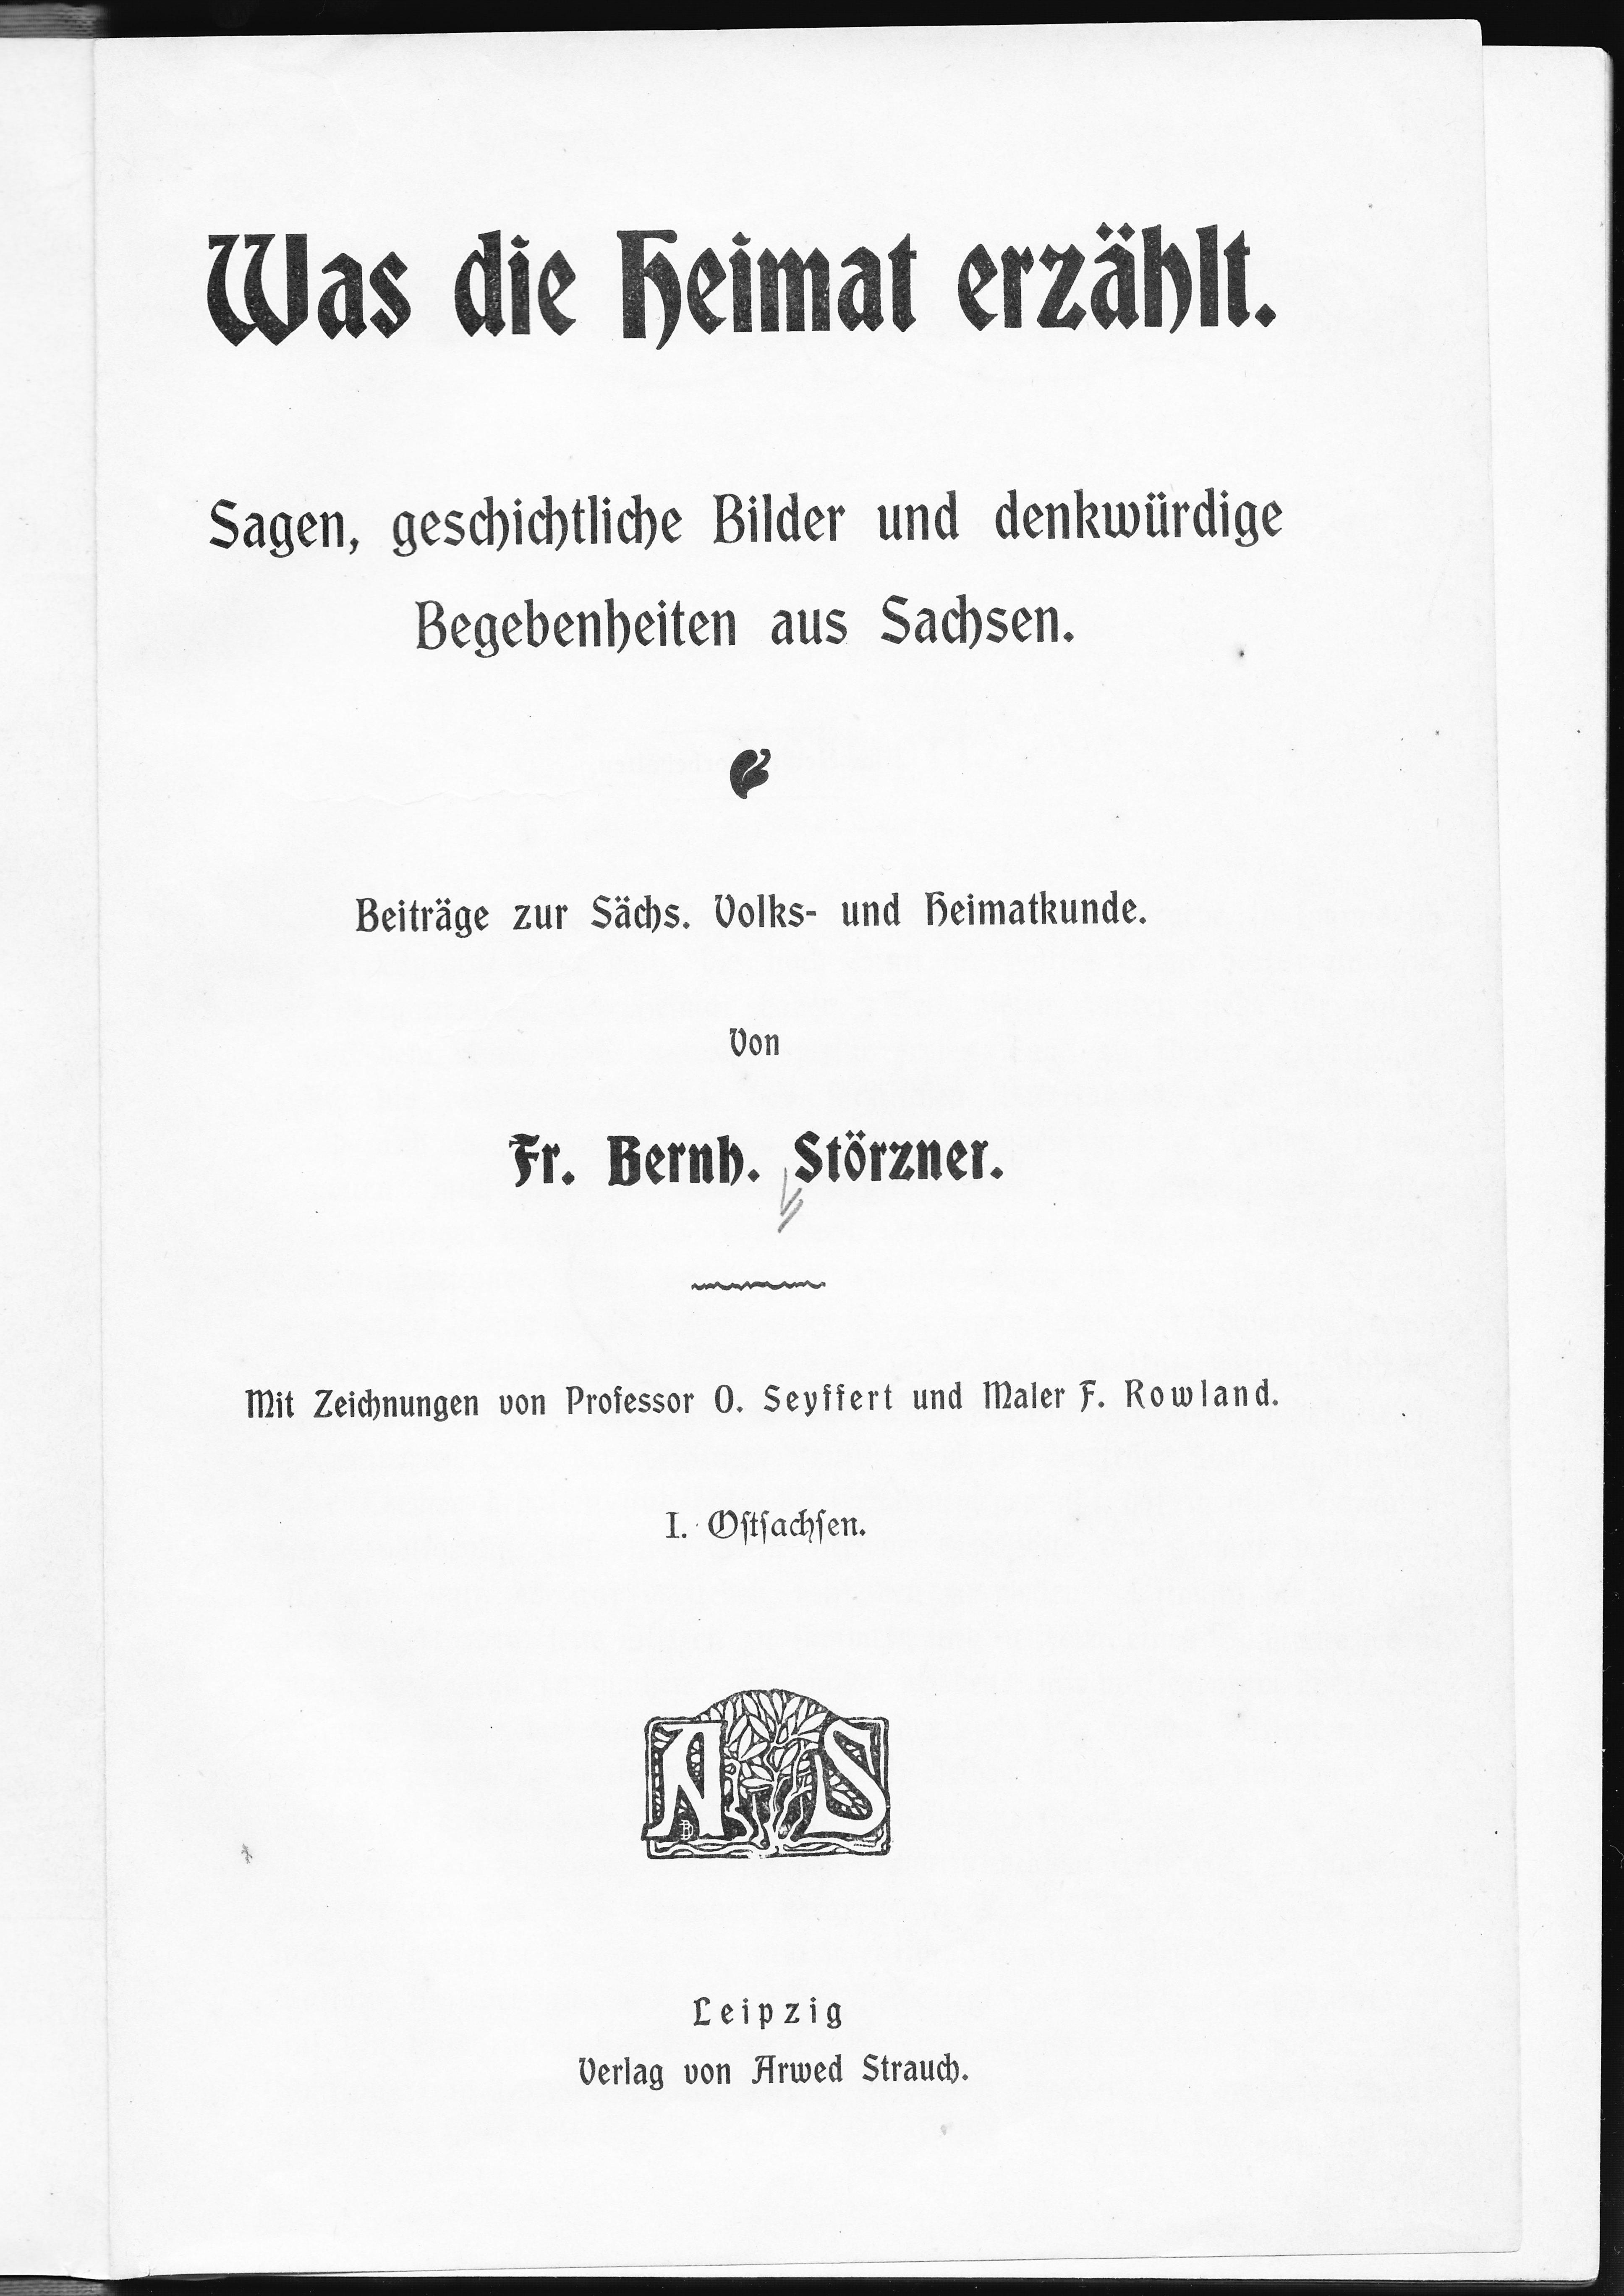 File:Störzner - Was die Heimat erzählt - 001.jpg - Wikimedia Commons